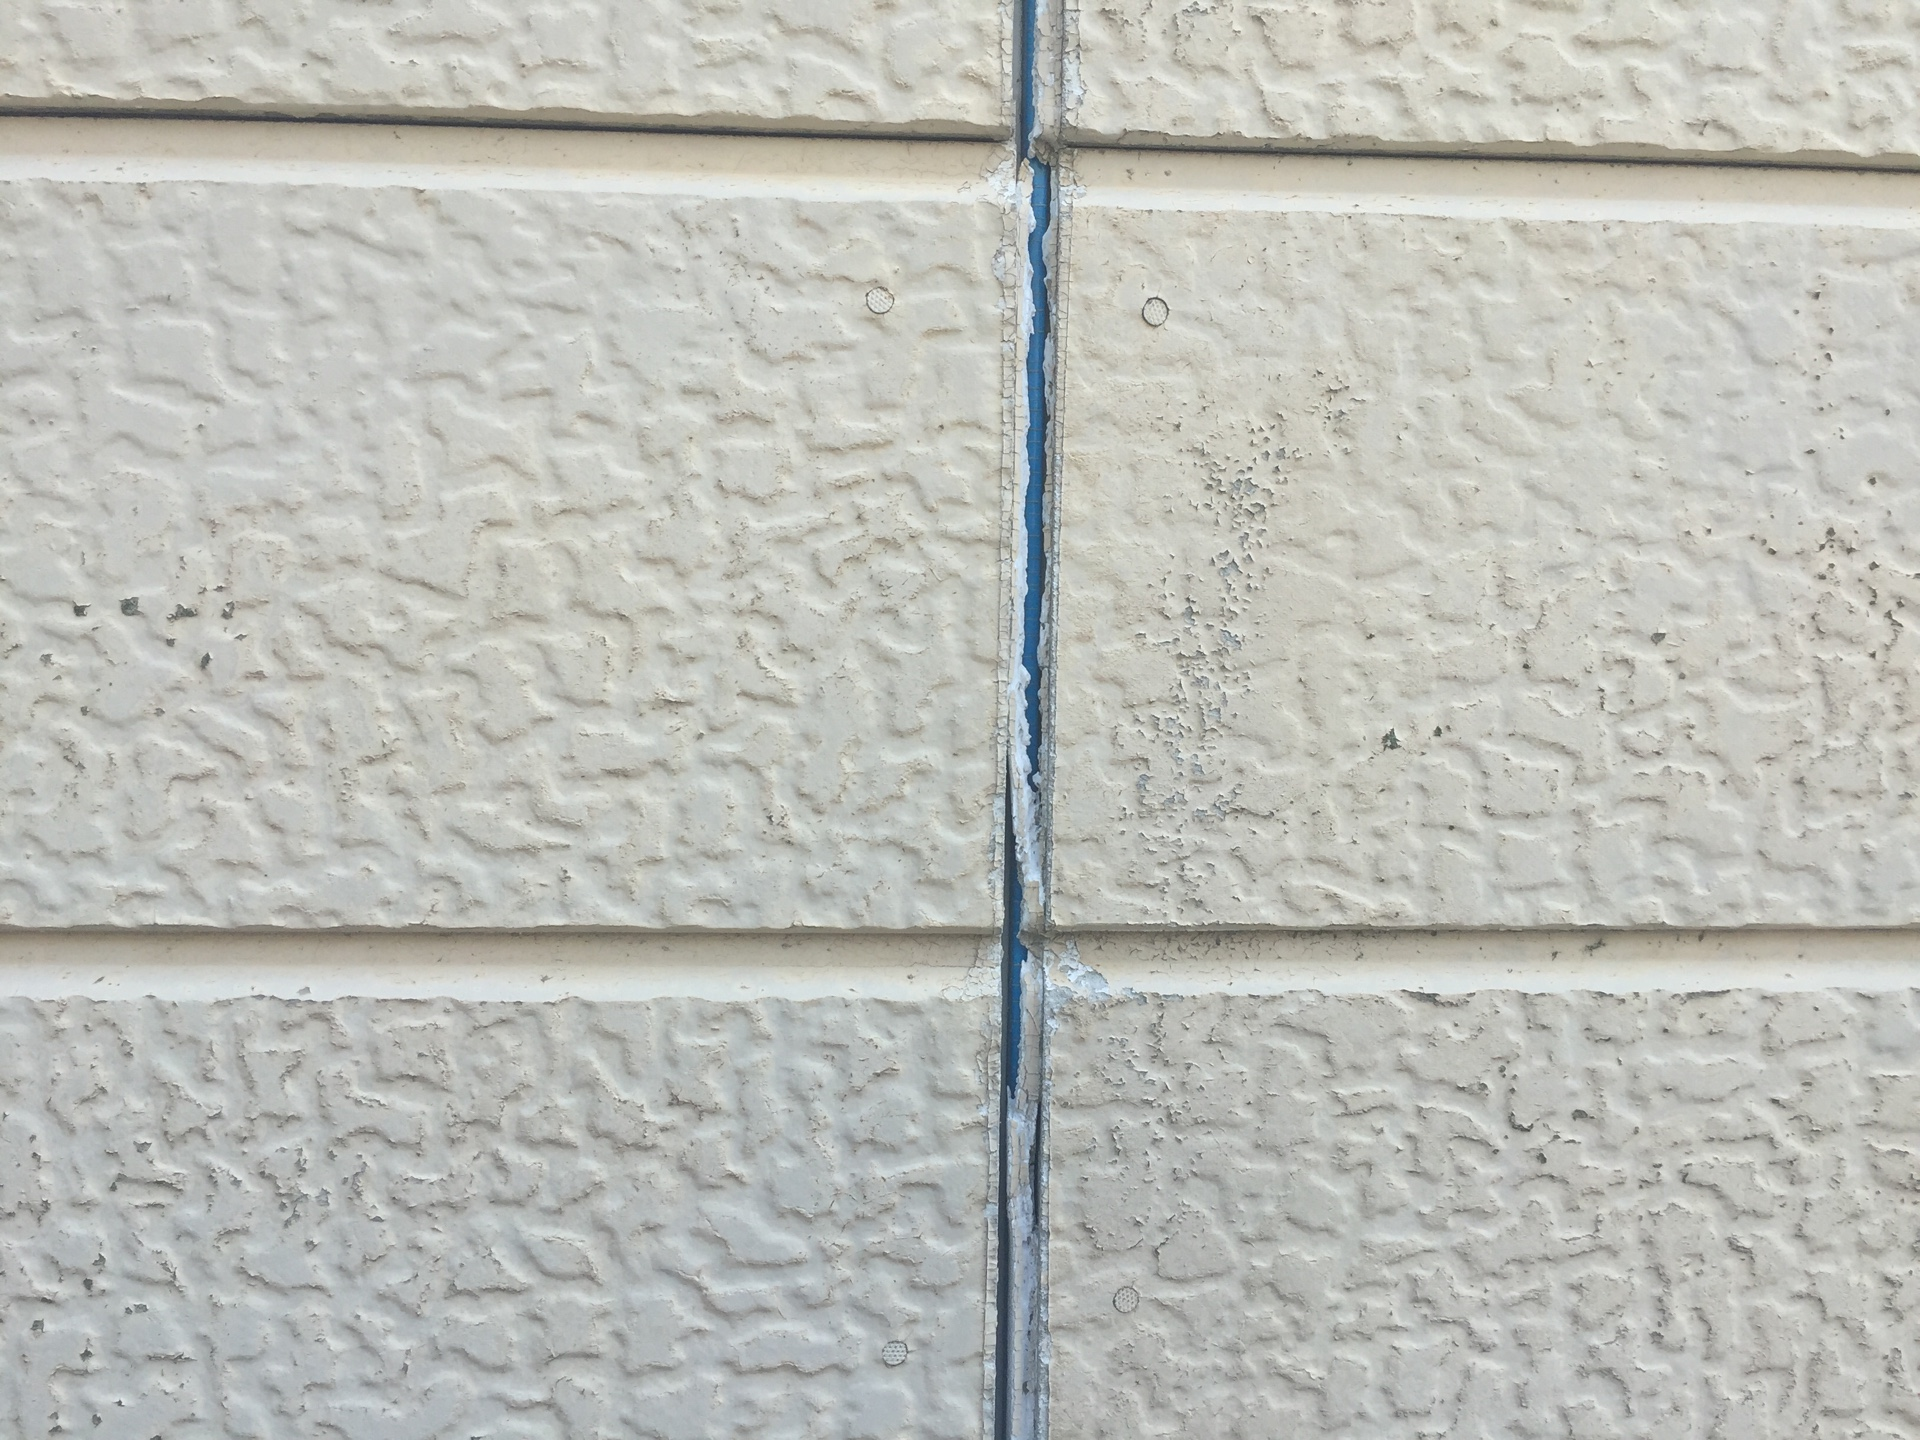 外壁塗装 屋根塗装 シーリング材劣化 破断 外壁無料診断 スターペイント